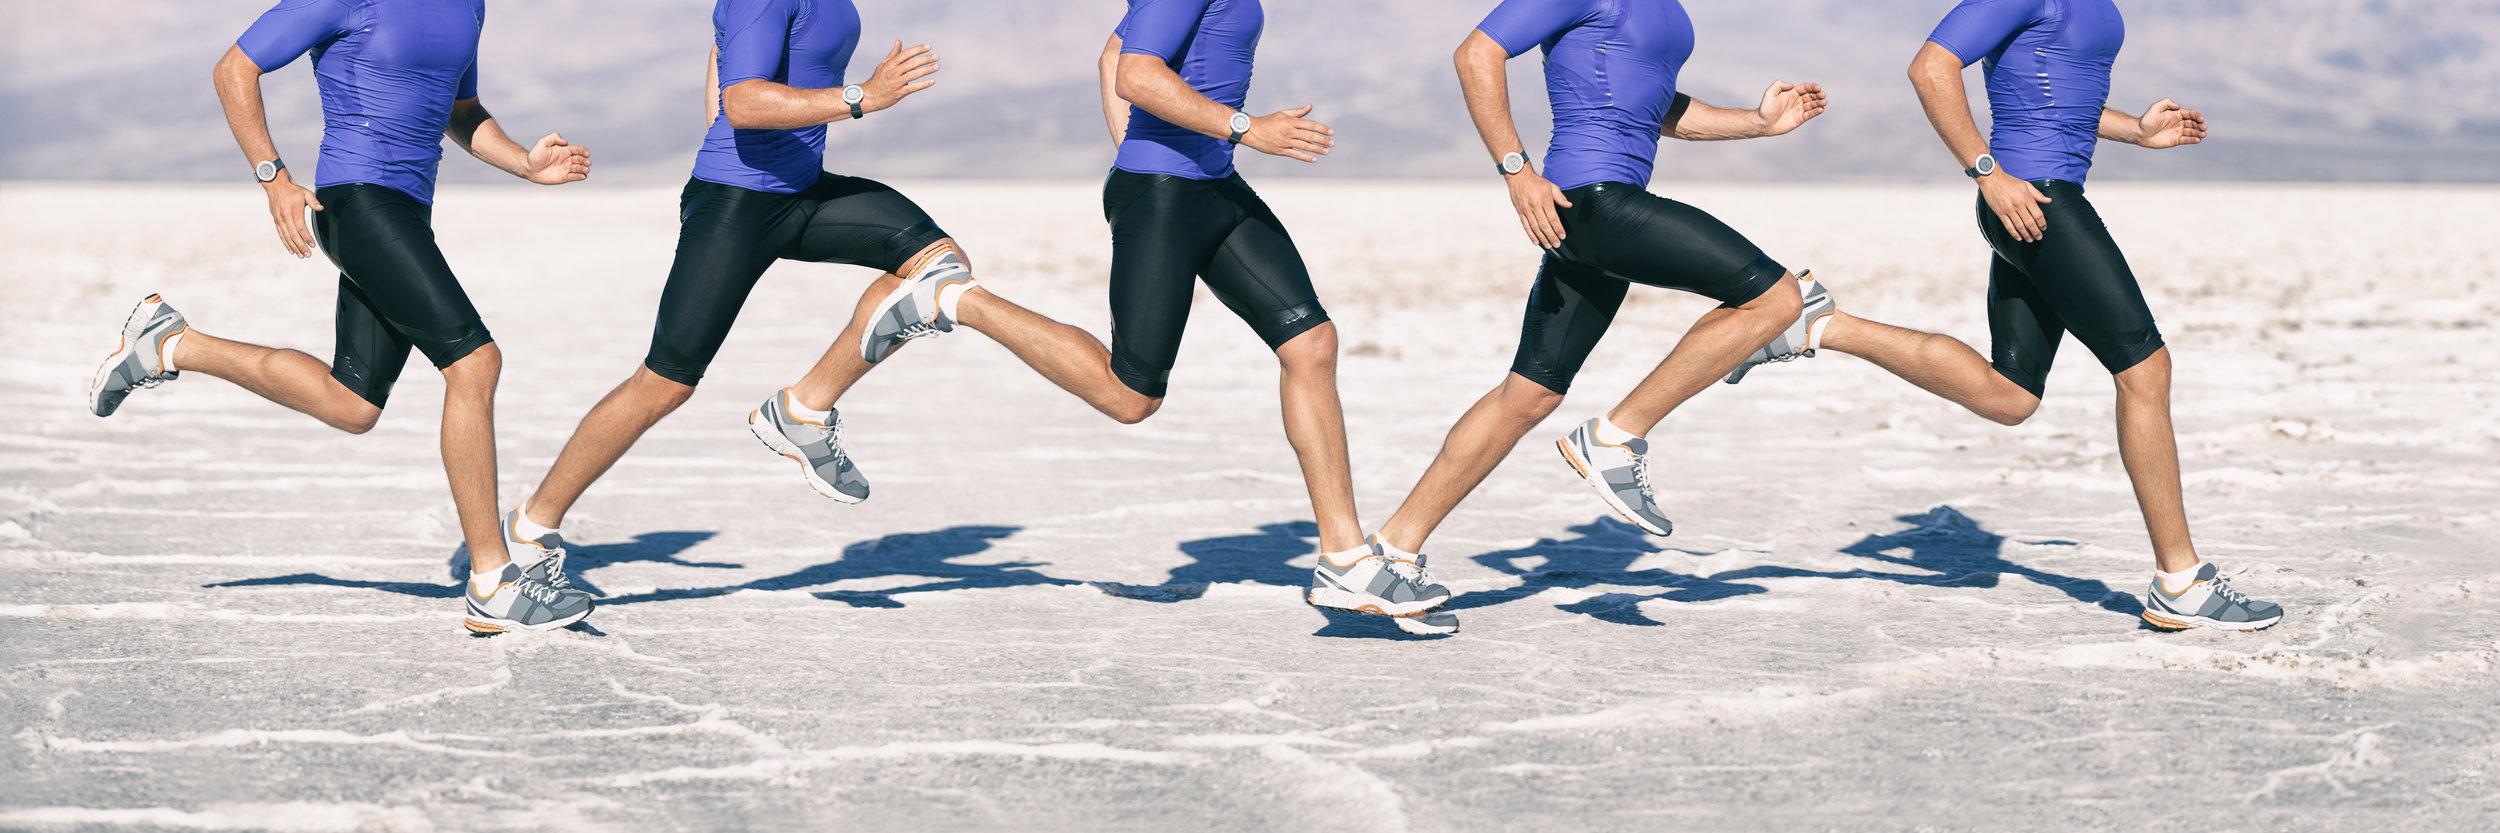 Running gait biomechanics.jpeg